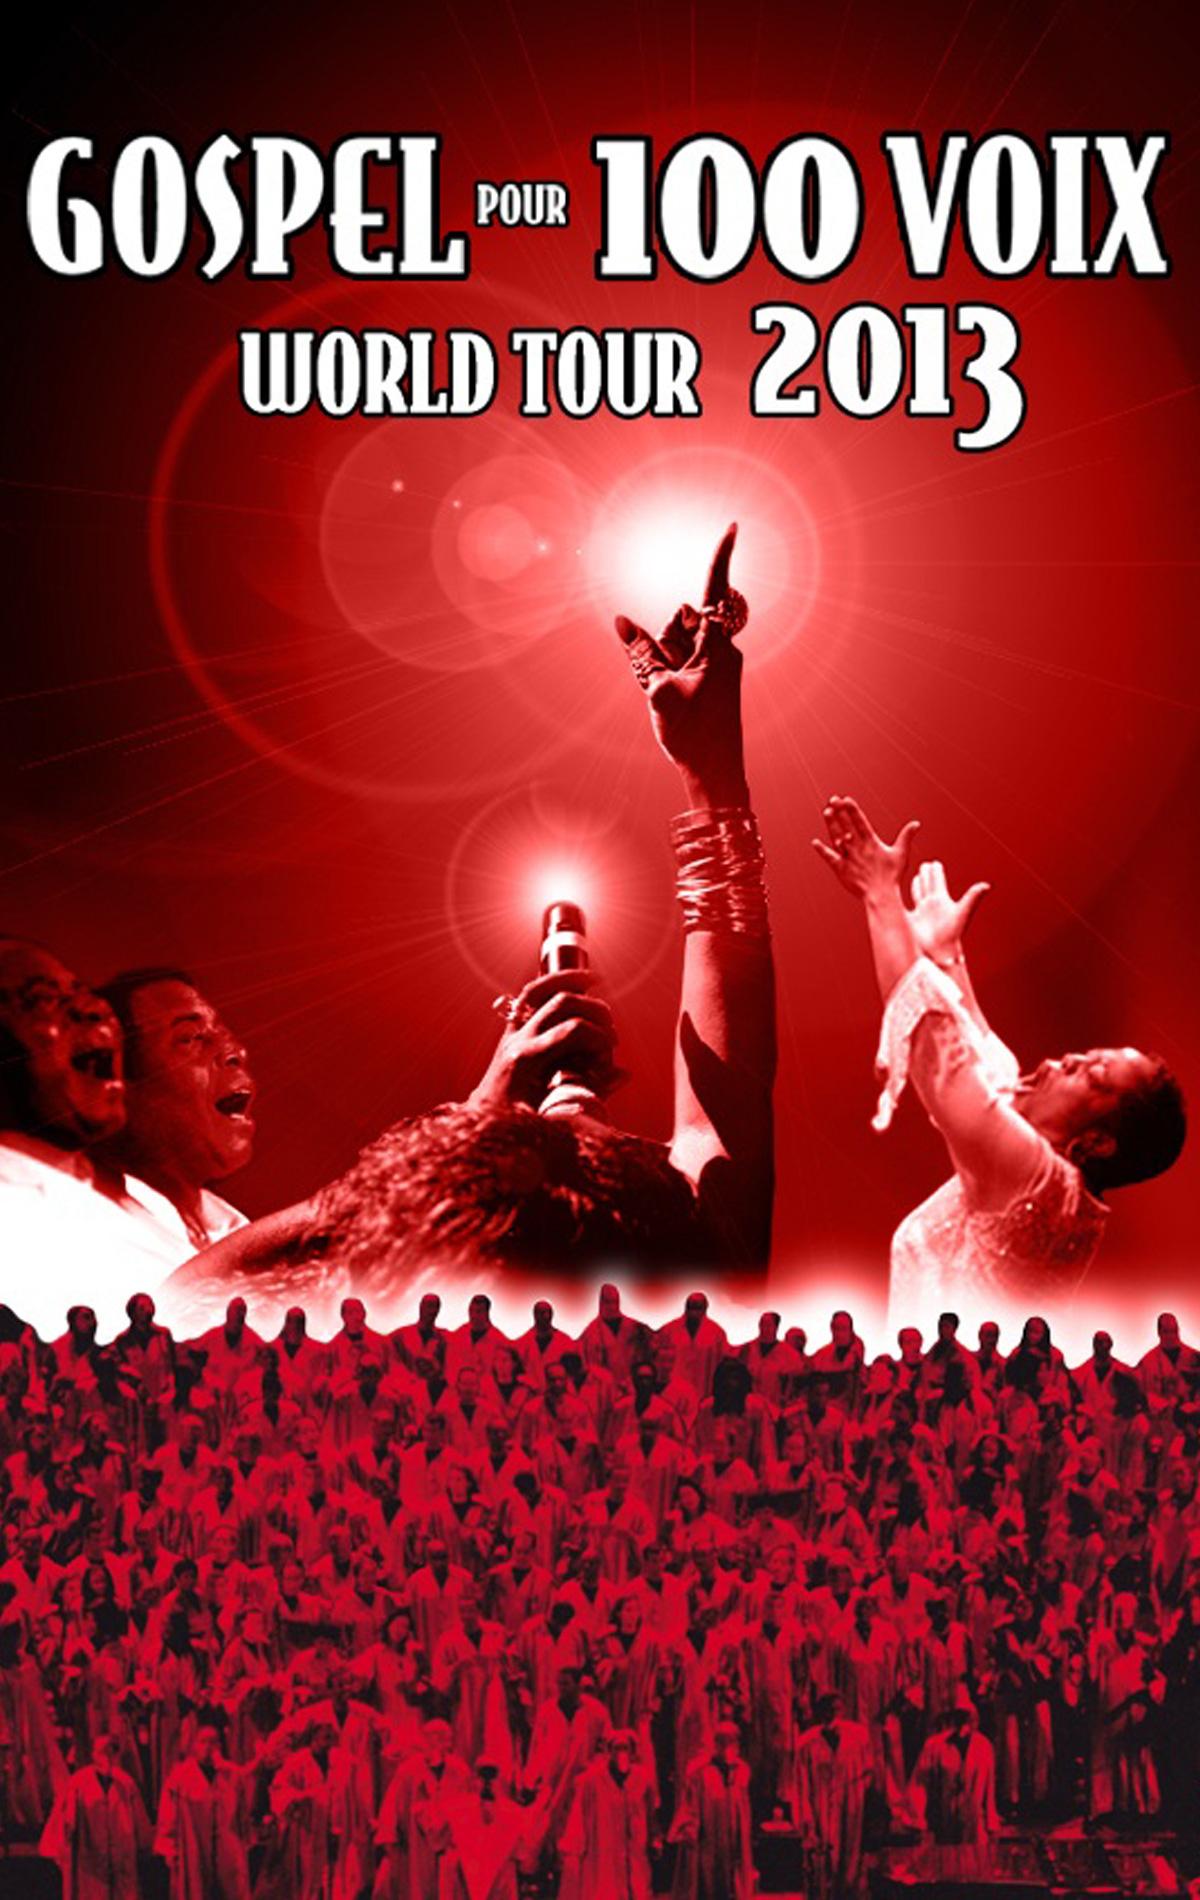 """place en catégorie 1 pour le Gospel """"100 voix"""" world tour a paris bercy"""